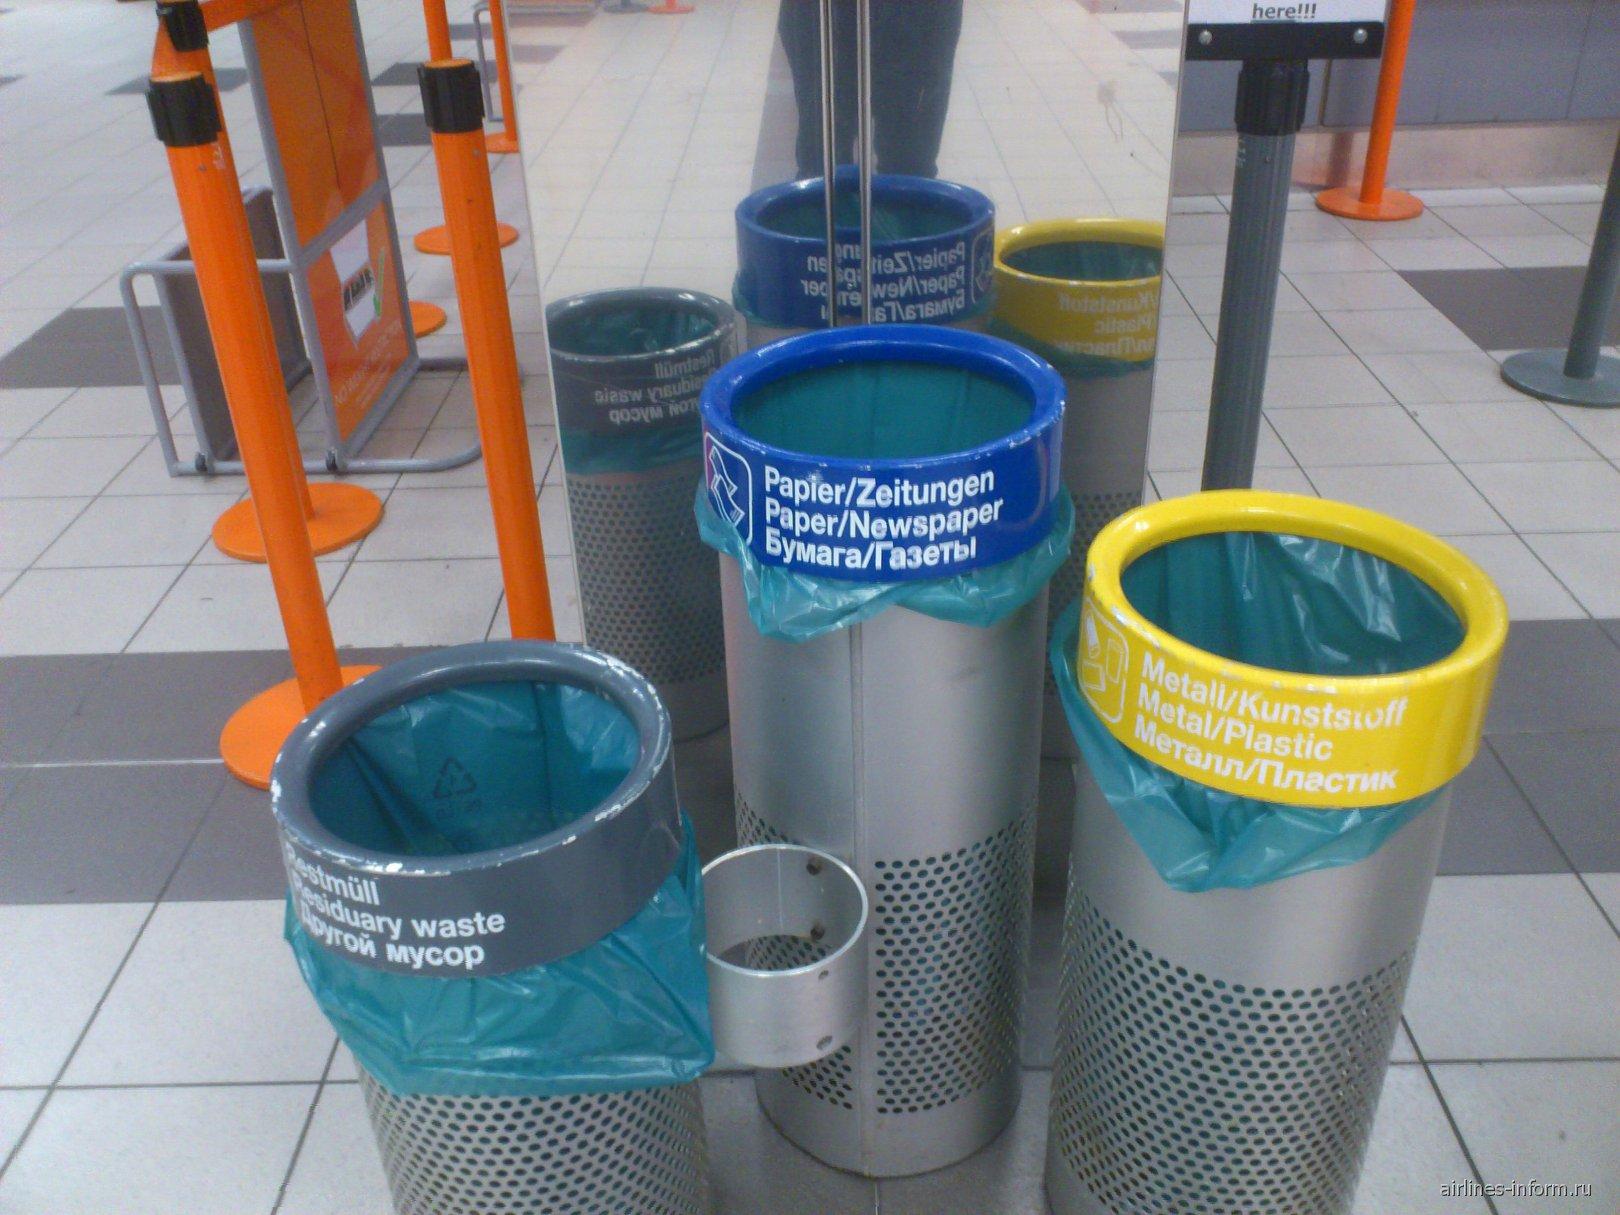 Корзины для мусора в аэропорту Берлин Шонефельд